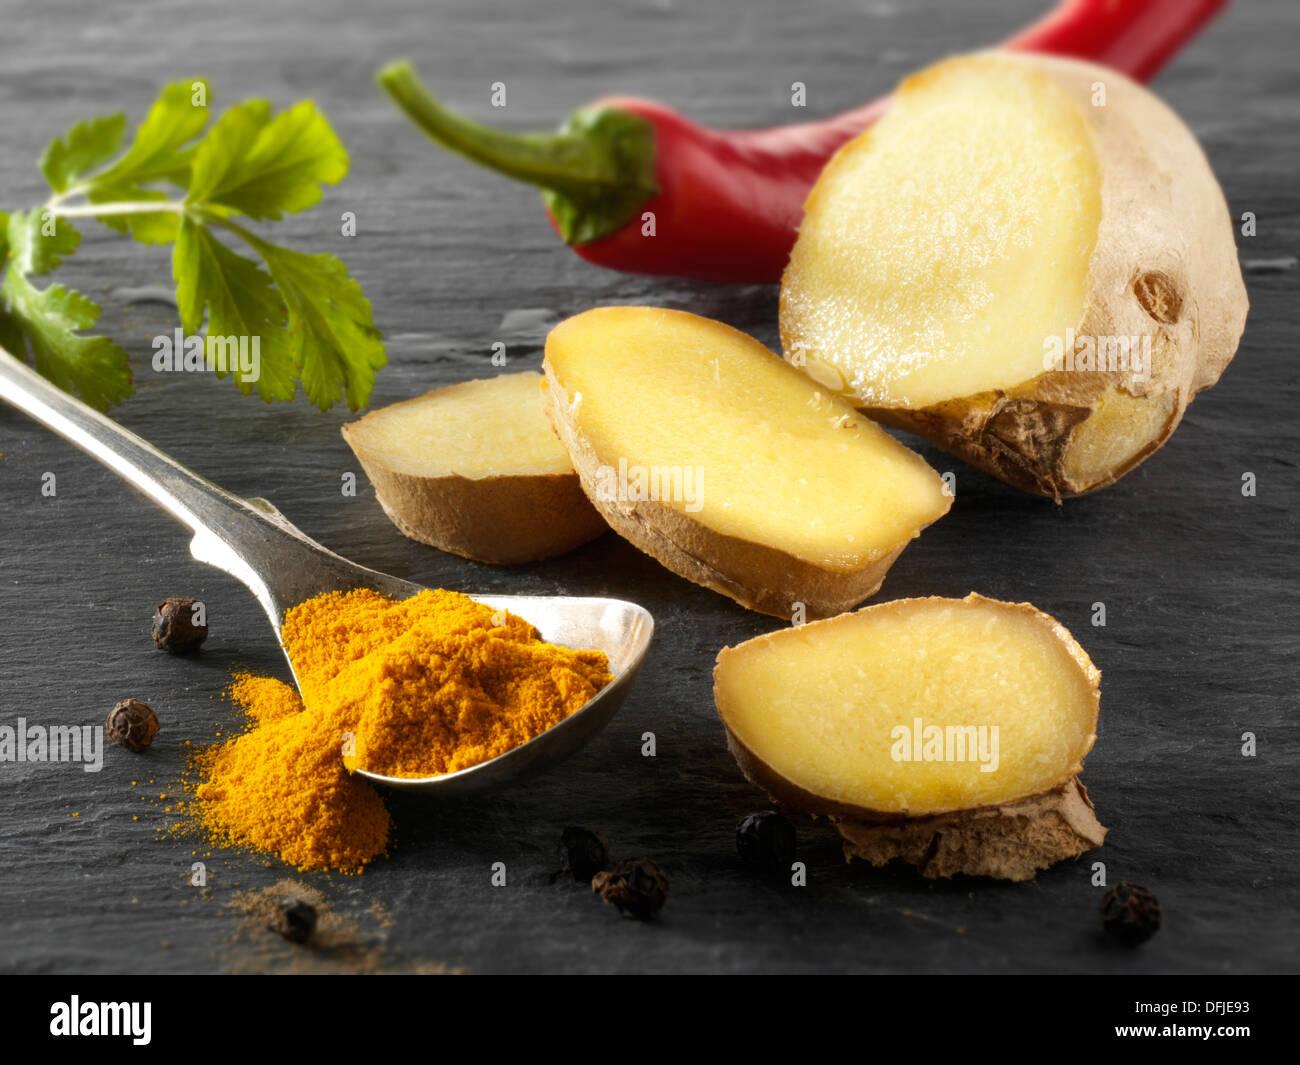 Frische Ingwerwurzel, rote Chili & Boden Kurkuma. Indische Gewürze Stockbild